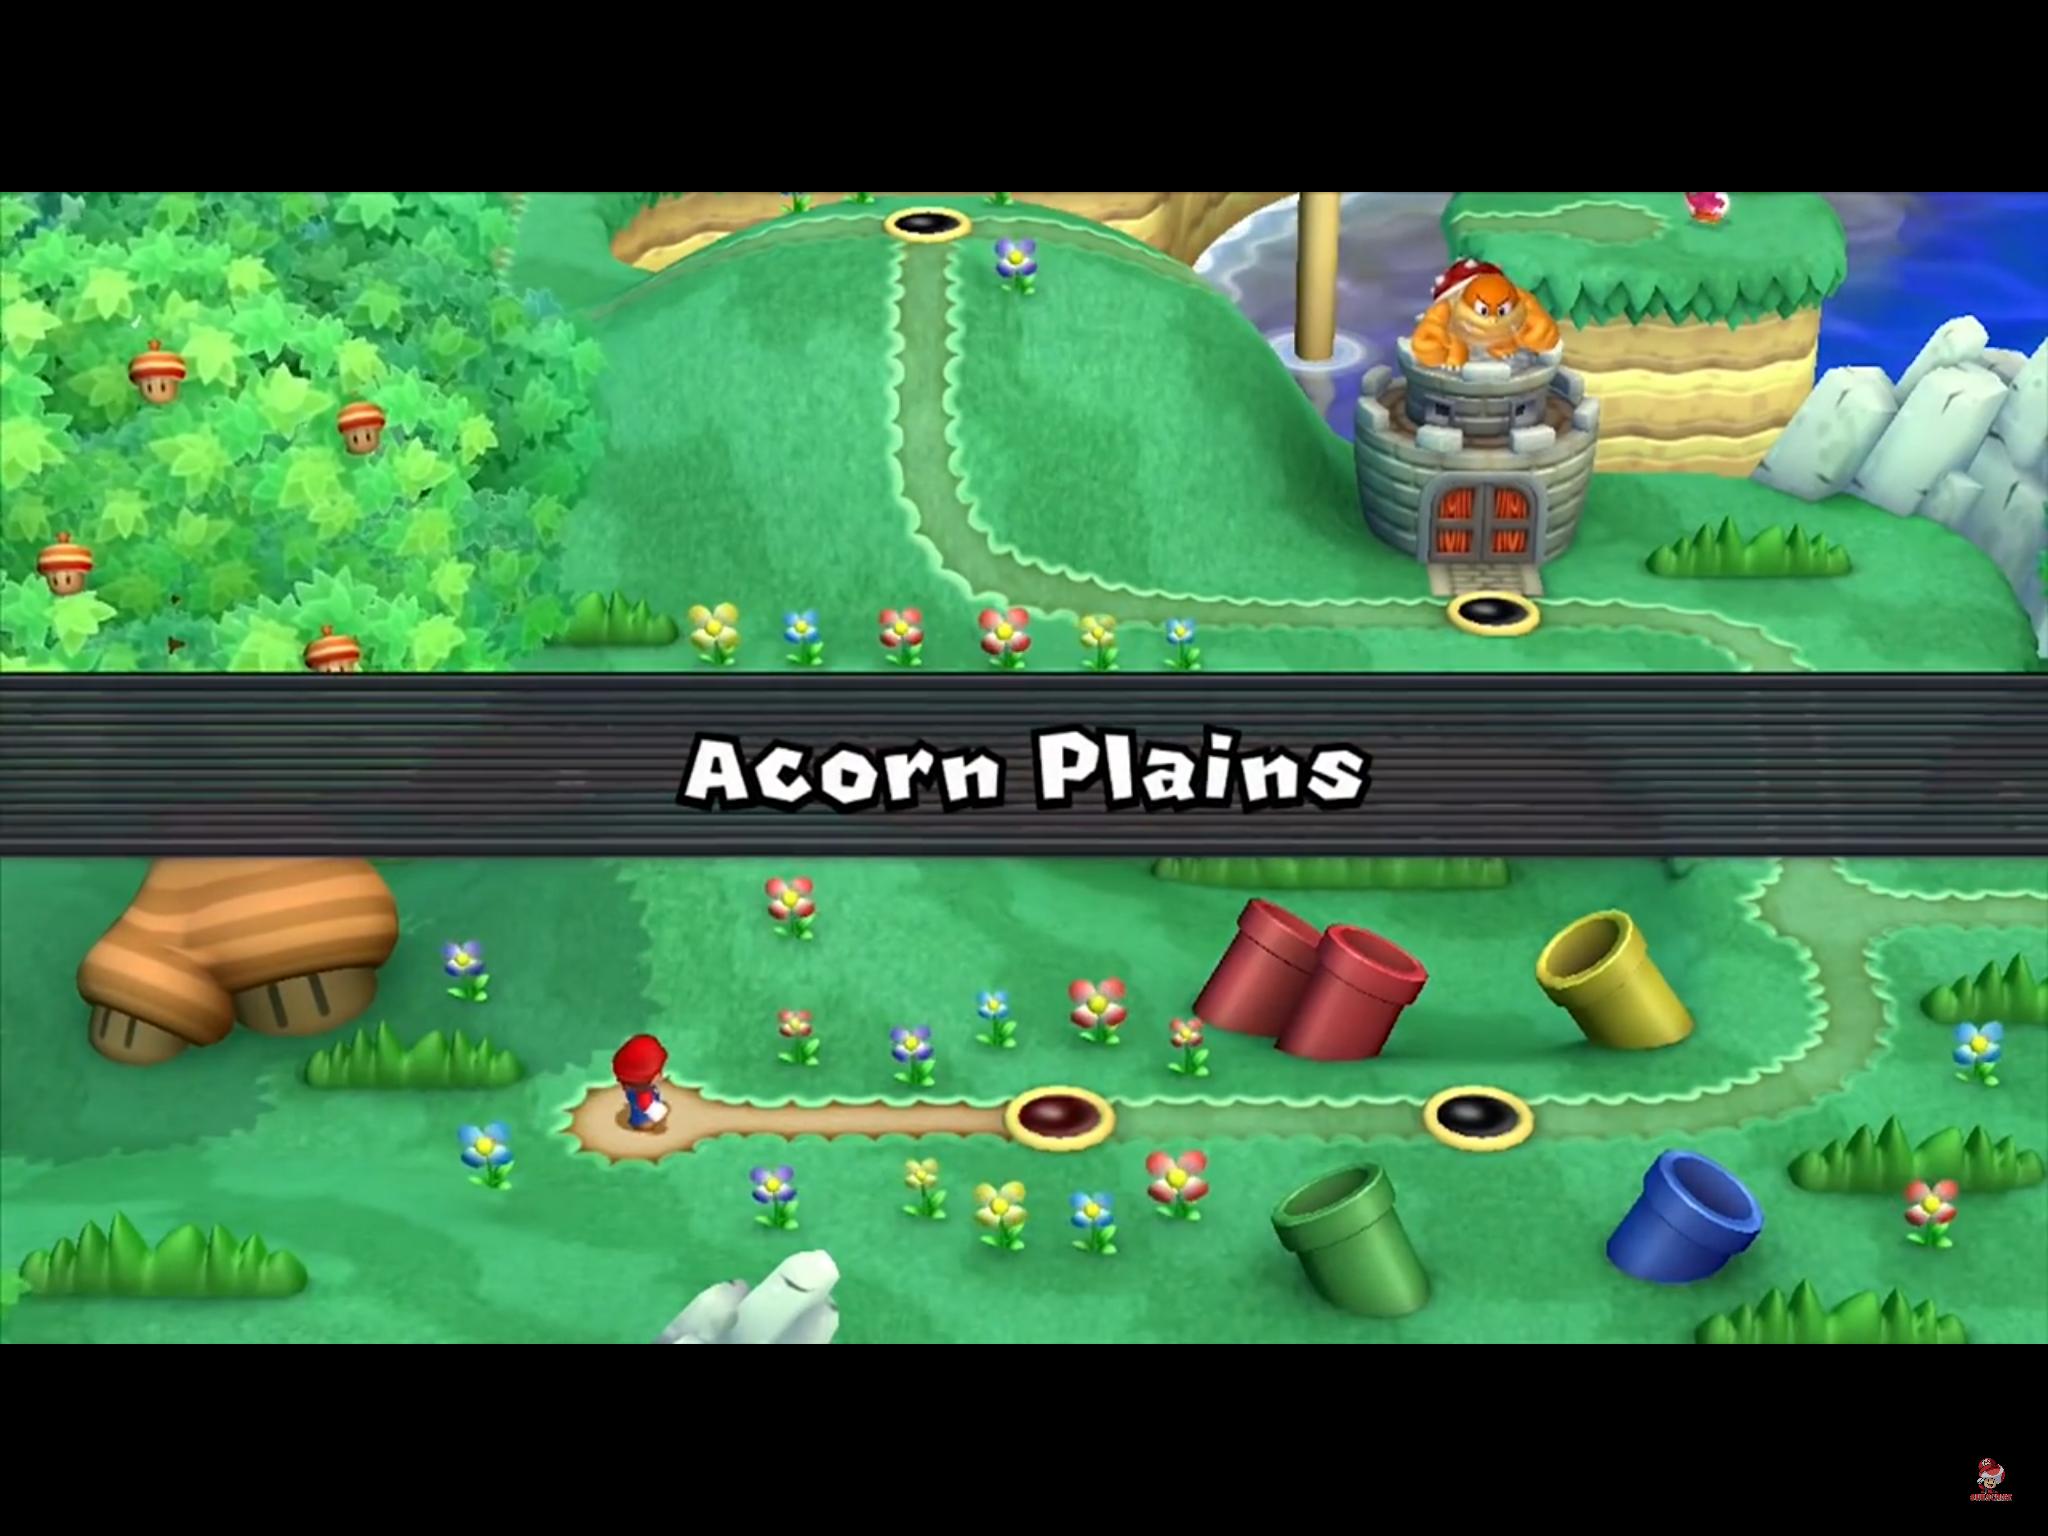 Acorn Plains